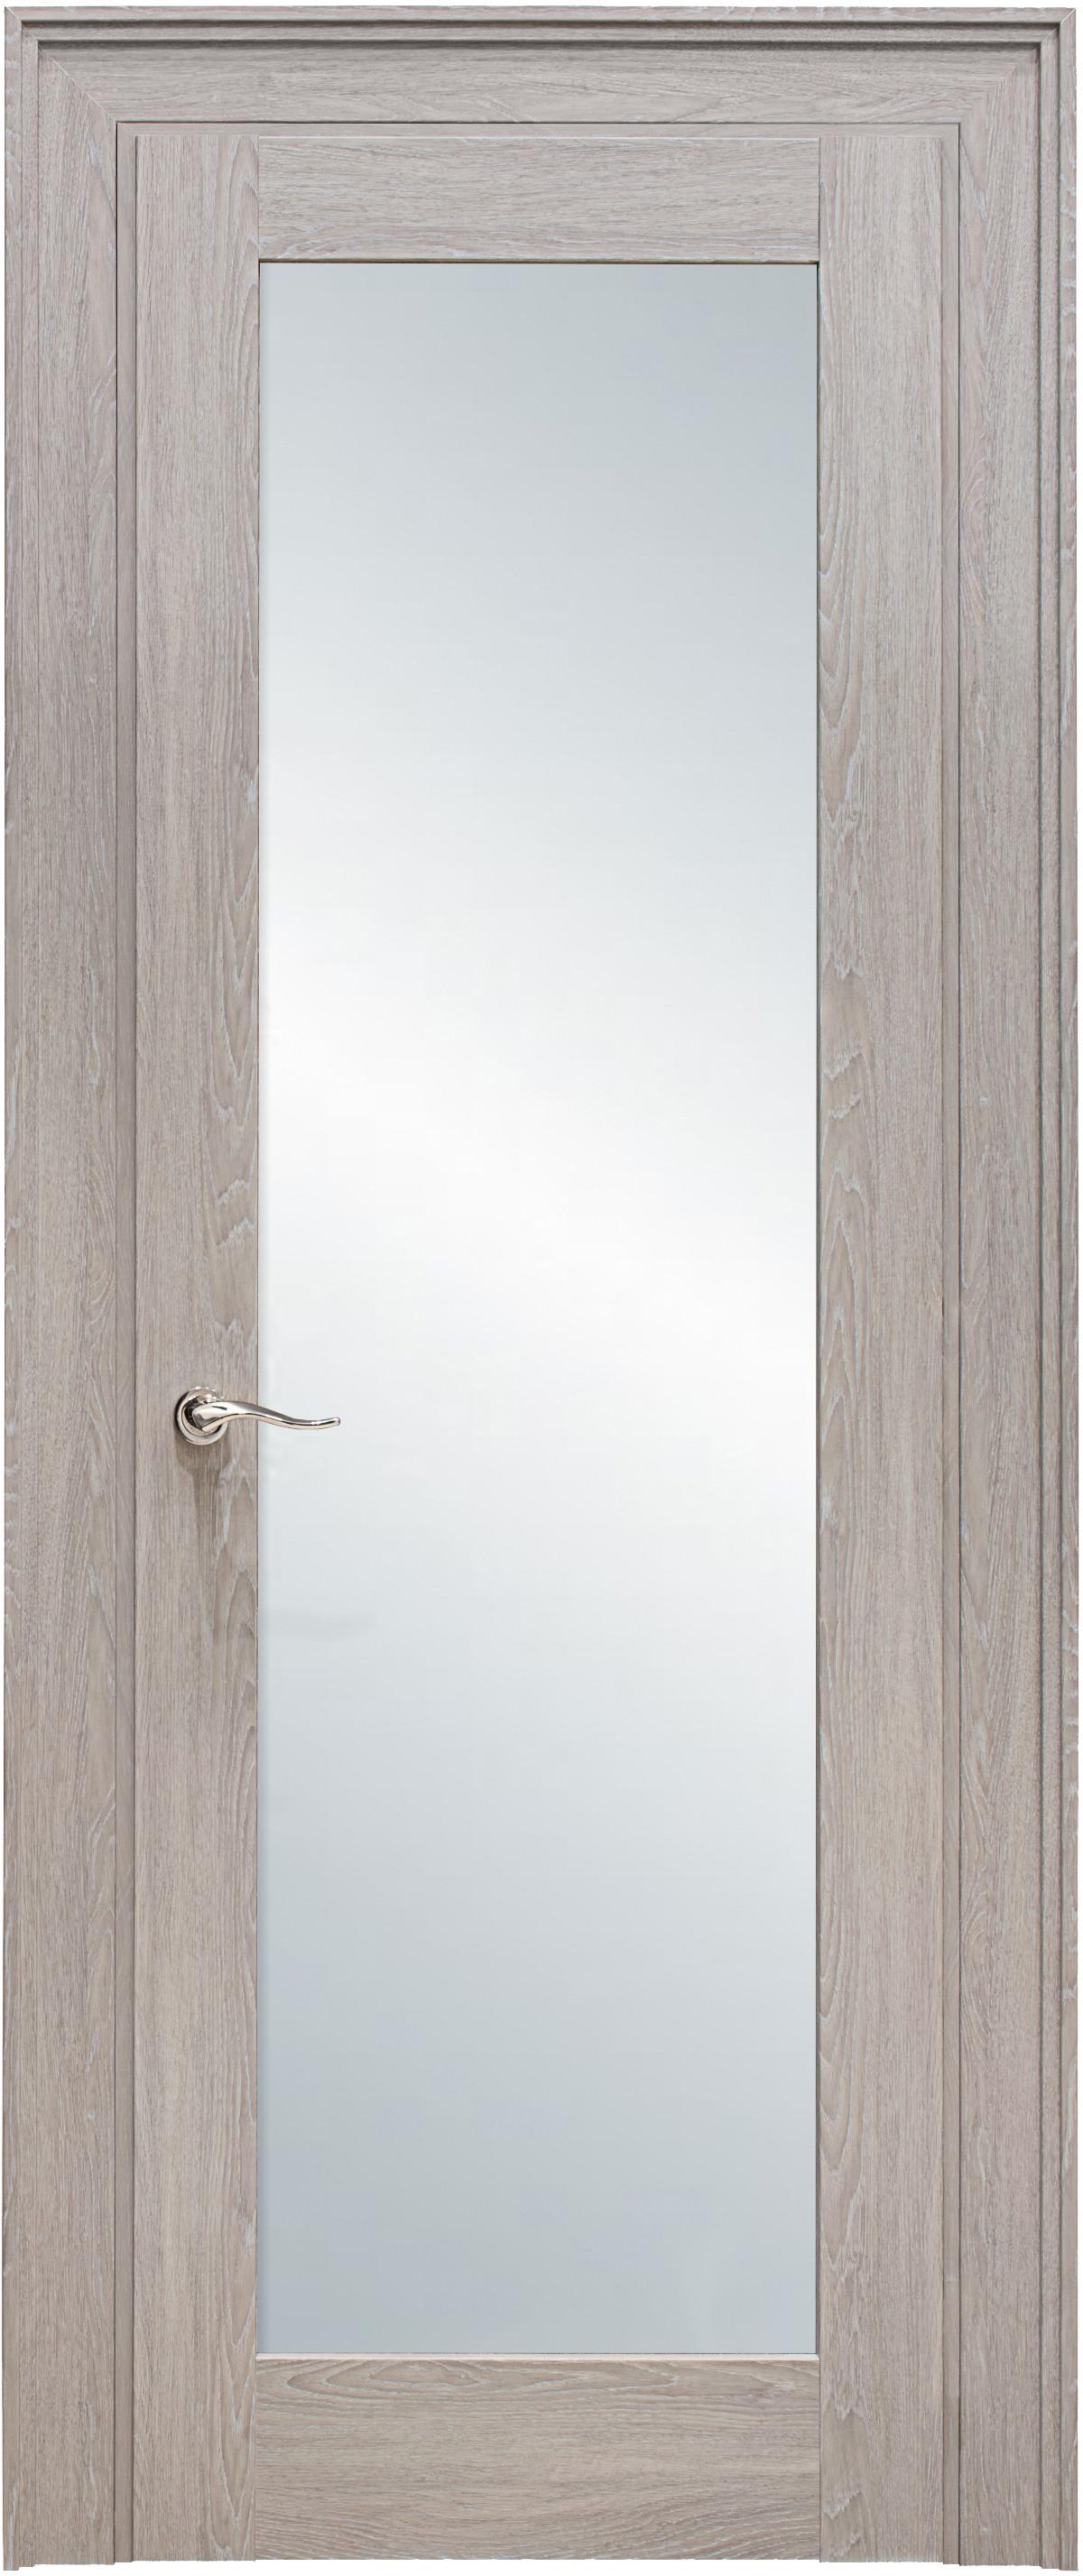 door66